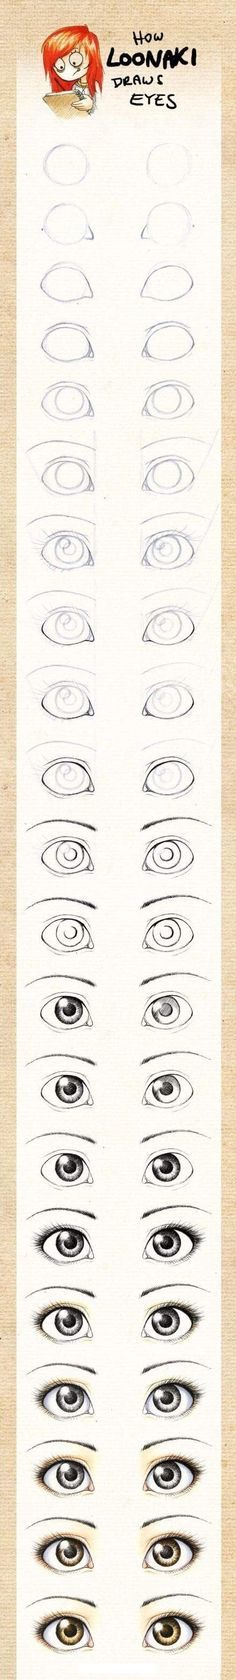 How to draw eyes www.SeedingAbundance.com http://www.marjanb.myShaklee.com